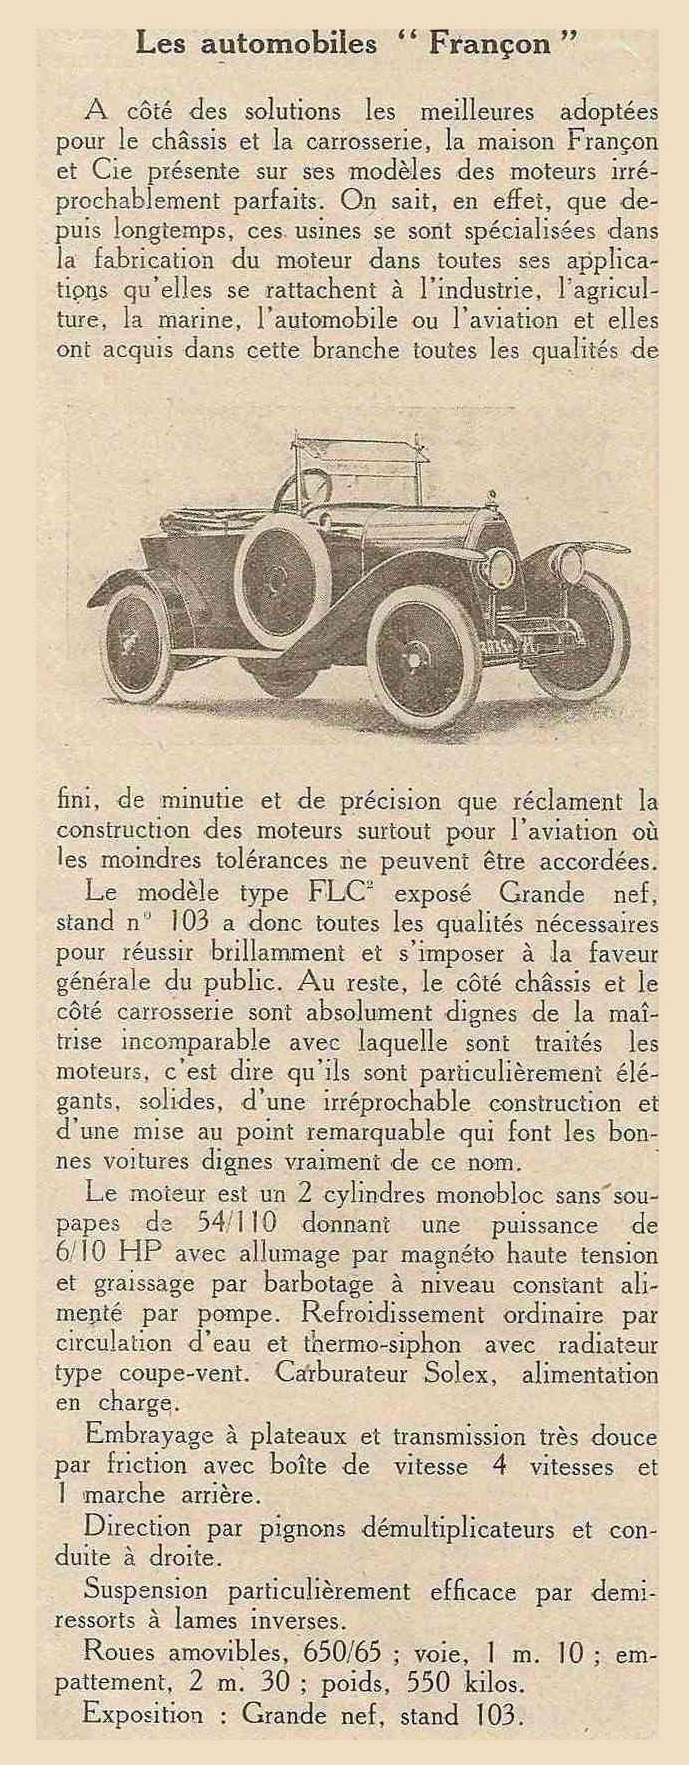 moteur - moteur Françon 4141